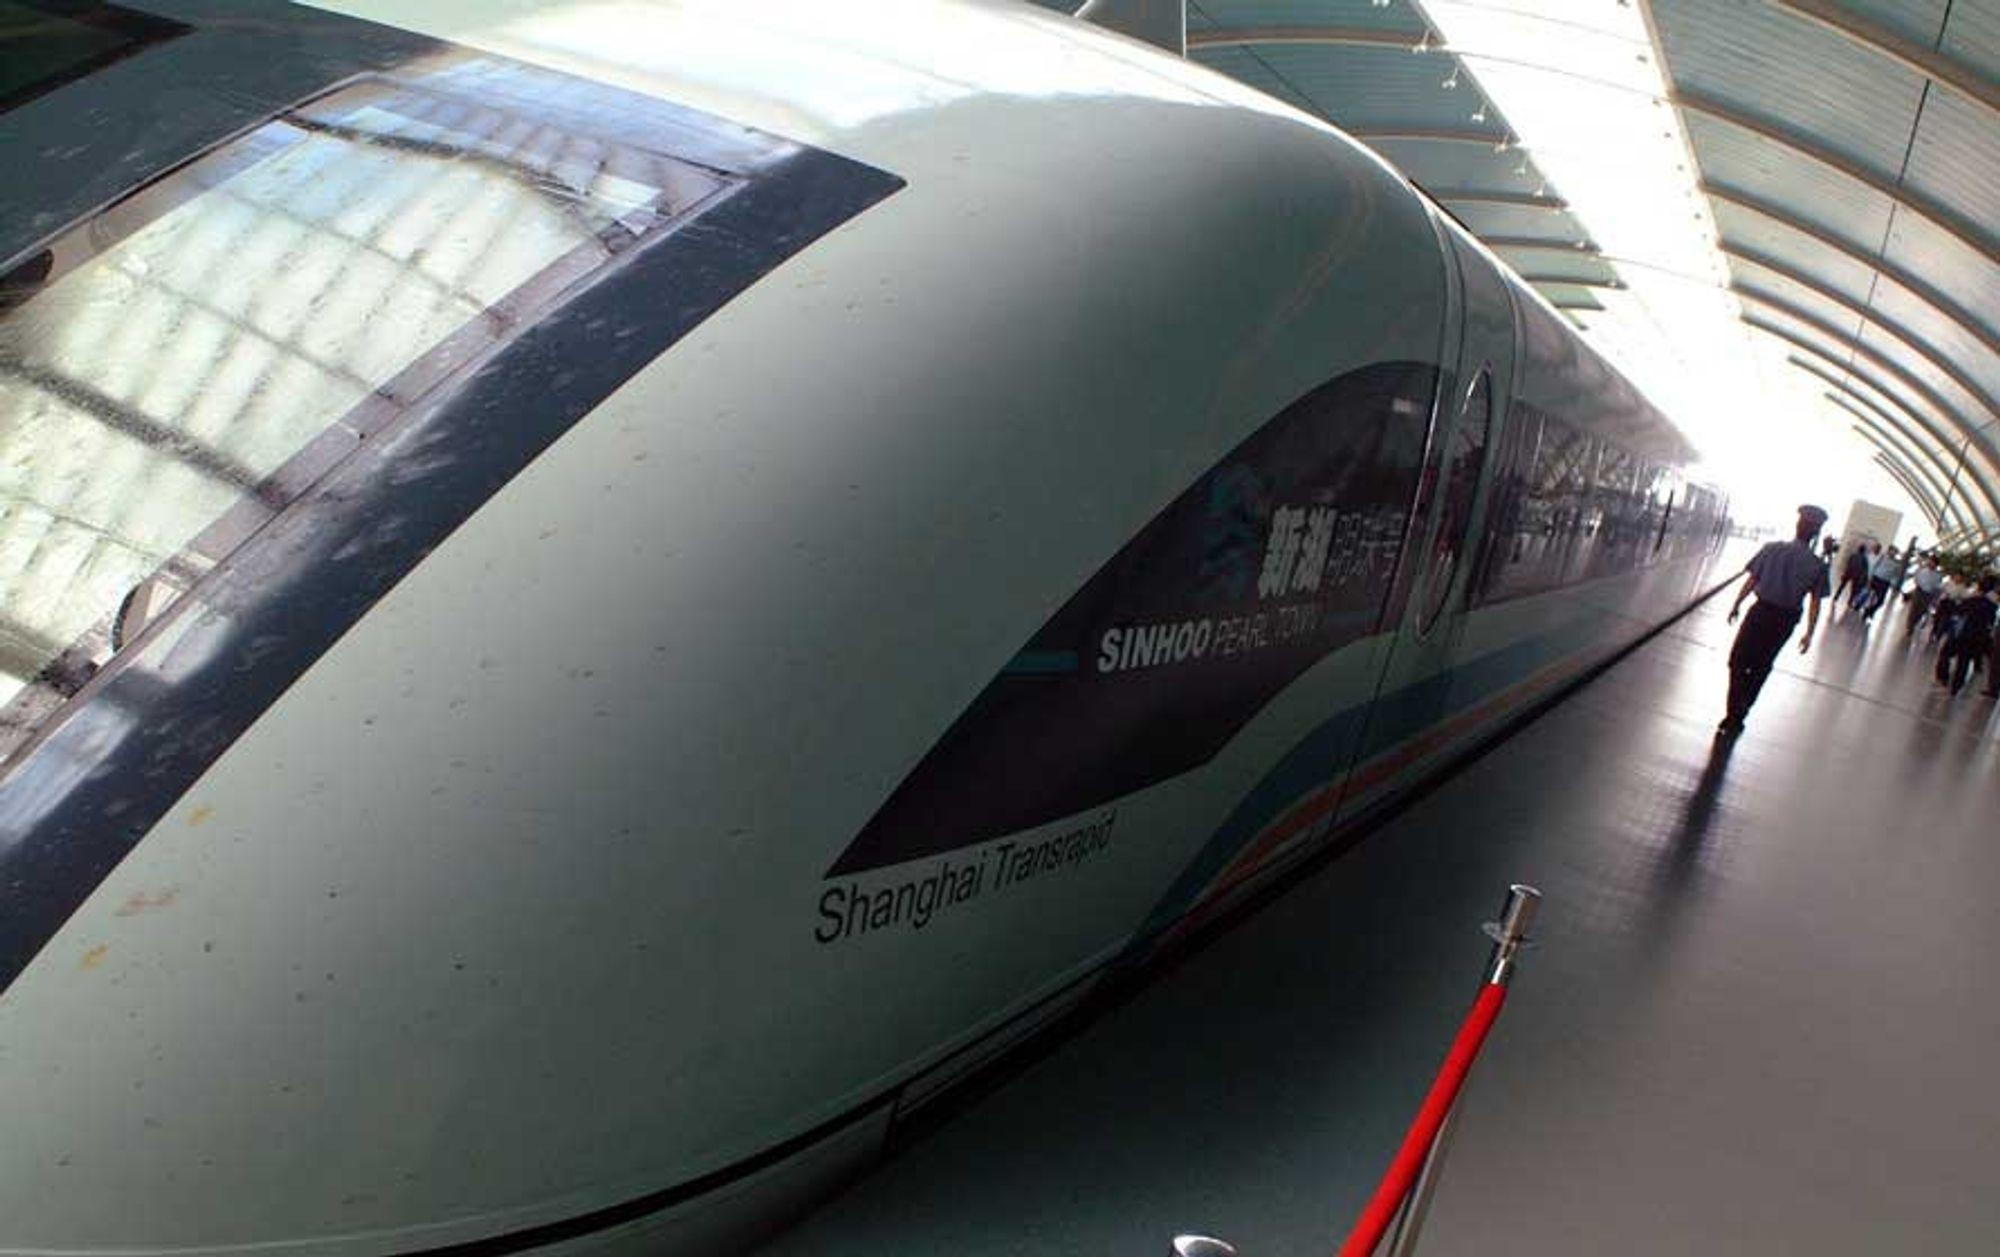 Det tyskutviklede magnettoget som forbinder flyplassene rundt Shanghai med byens sentrum er blant det første kommersielle magnettogene i verden.